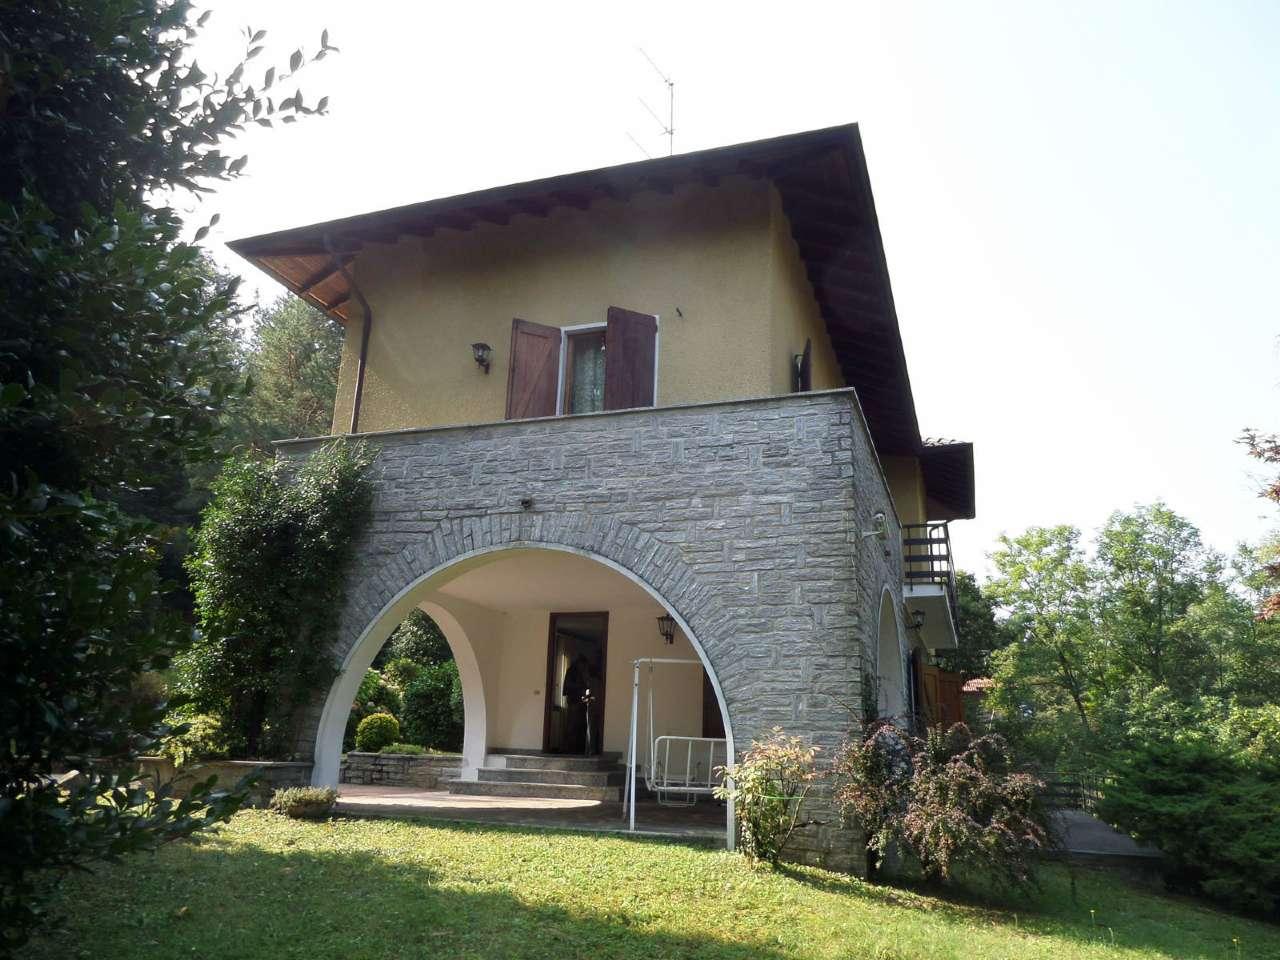 Villa in vendita a Osmate, 6 locali, prezzo € 380.000 | CambioCasa.it